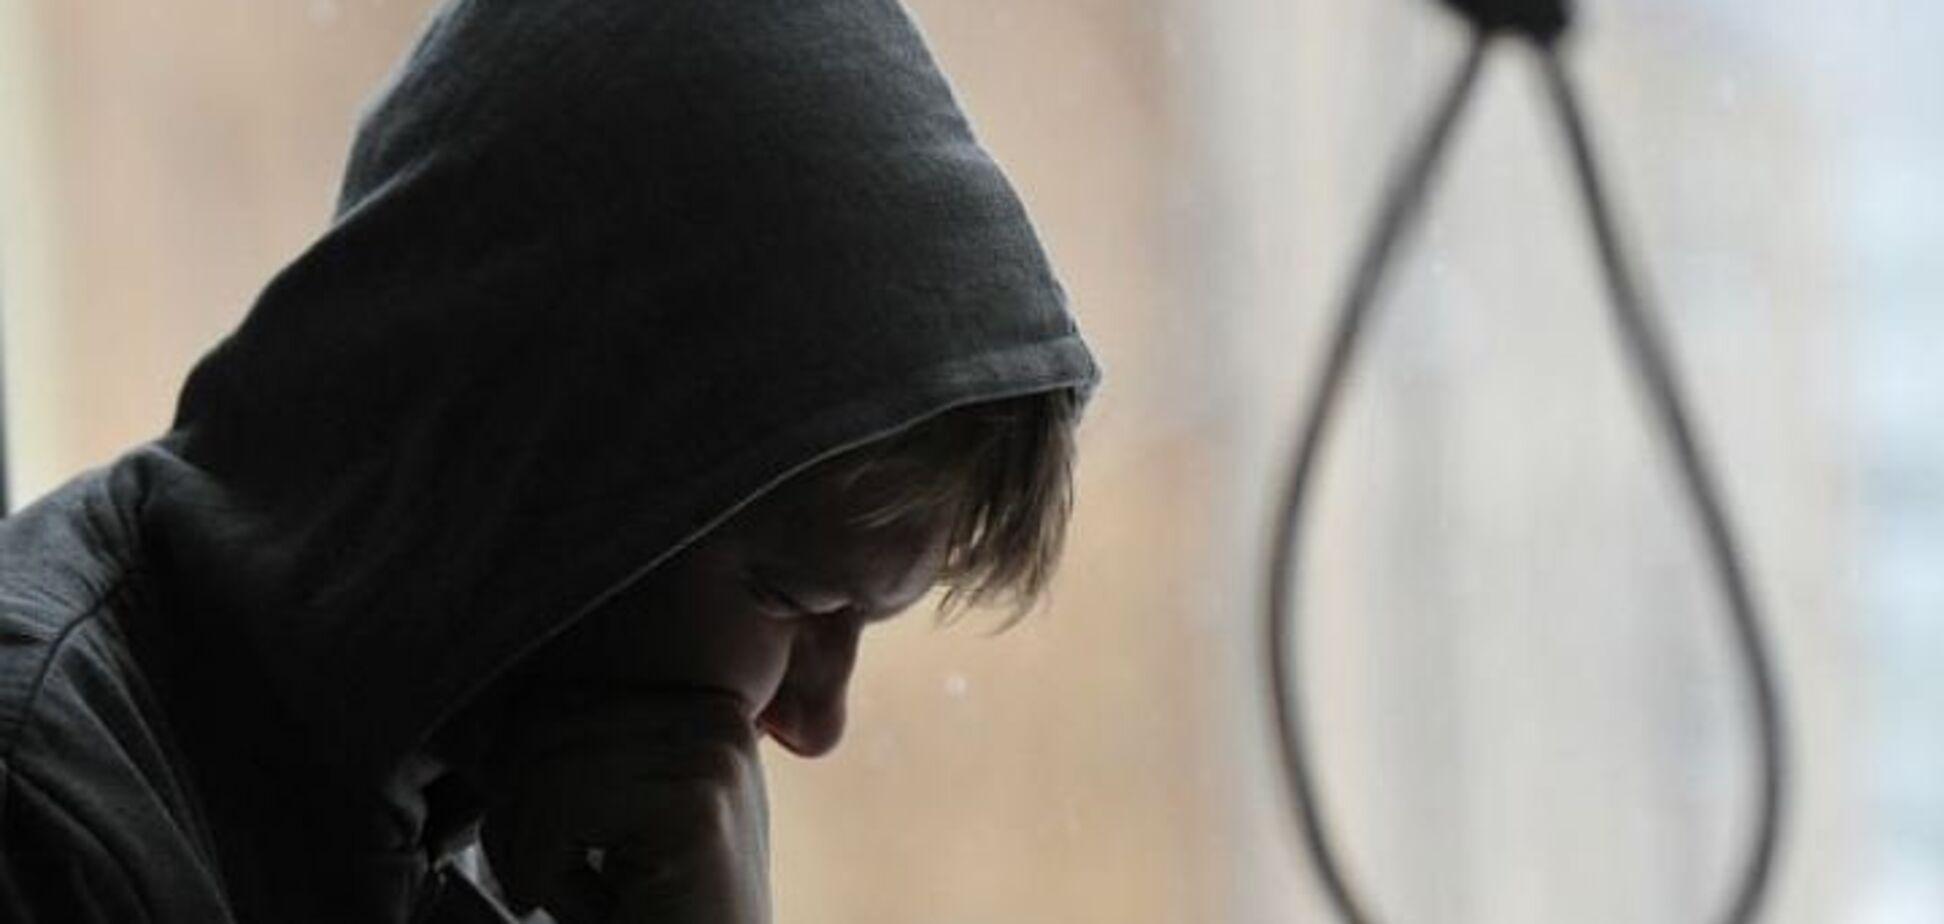 Детские самоубийства: психолог рассказала о страшной тенденции